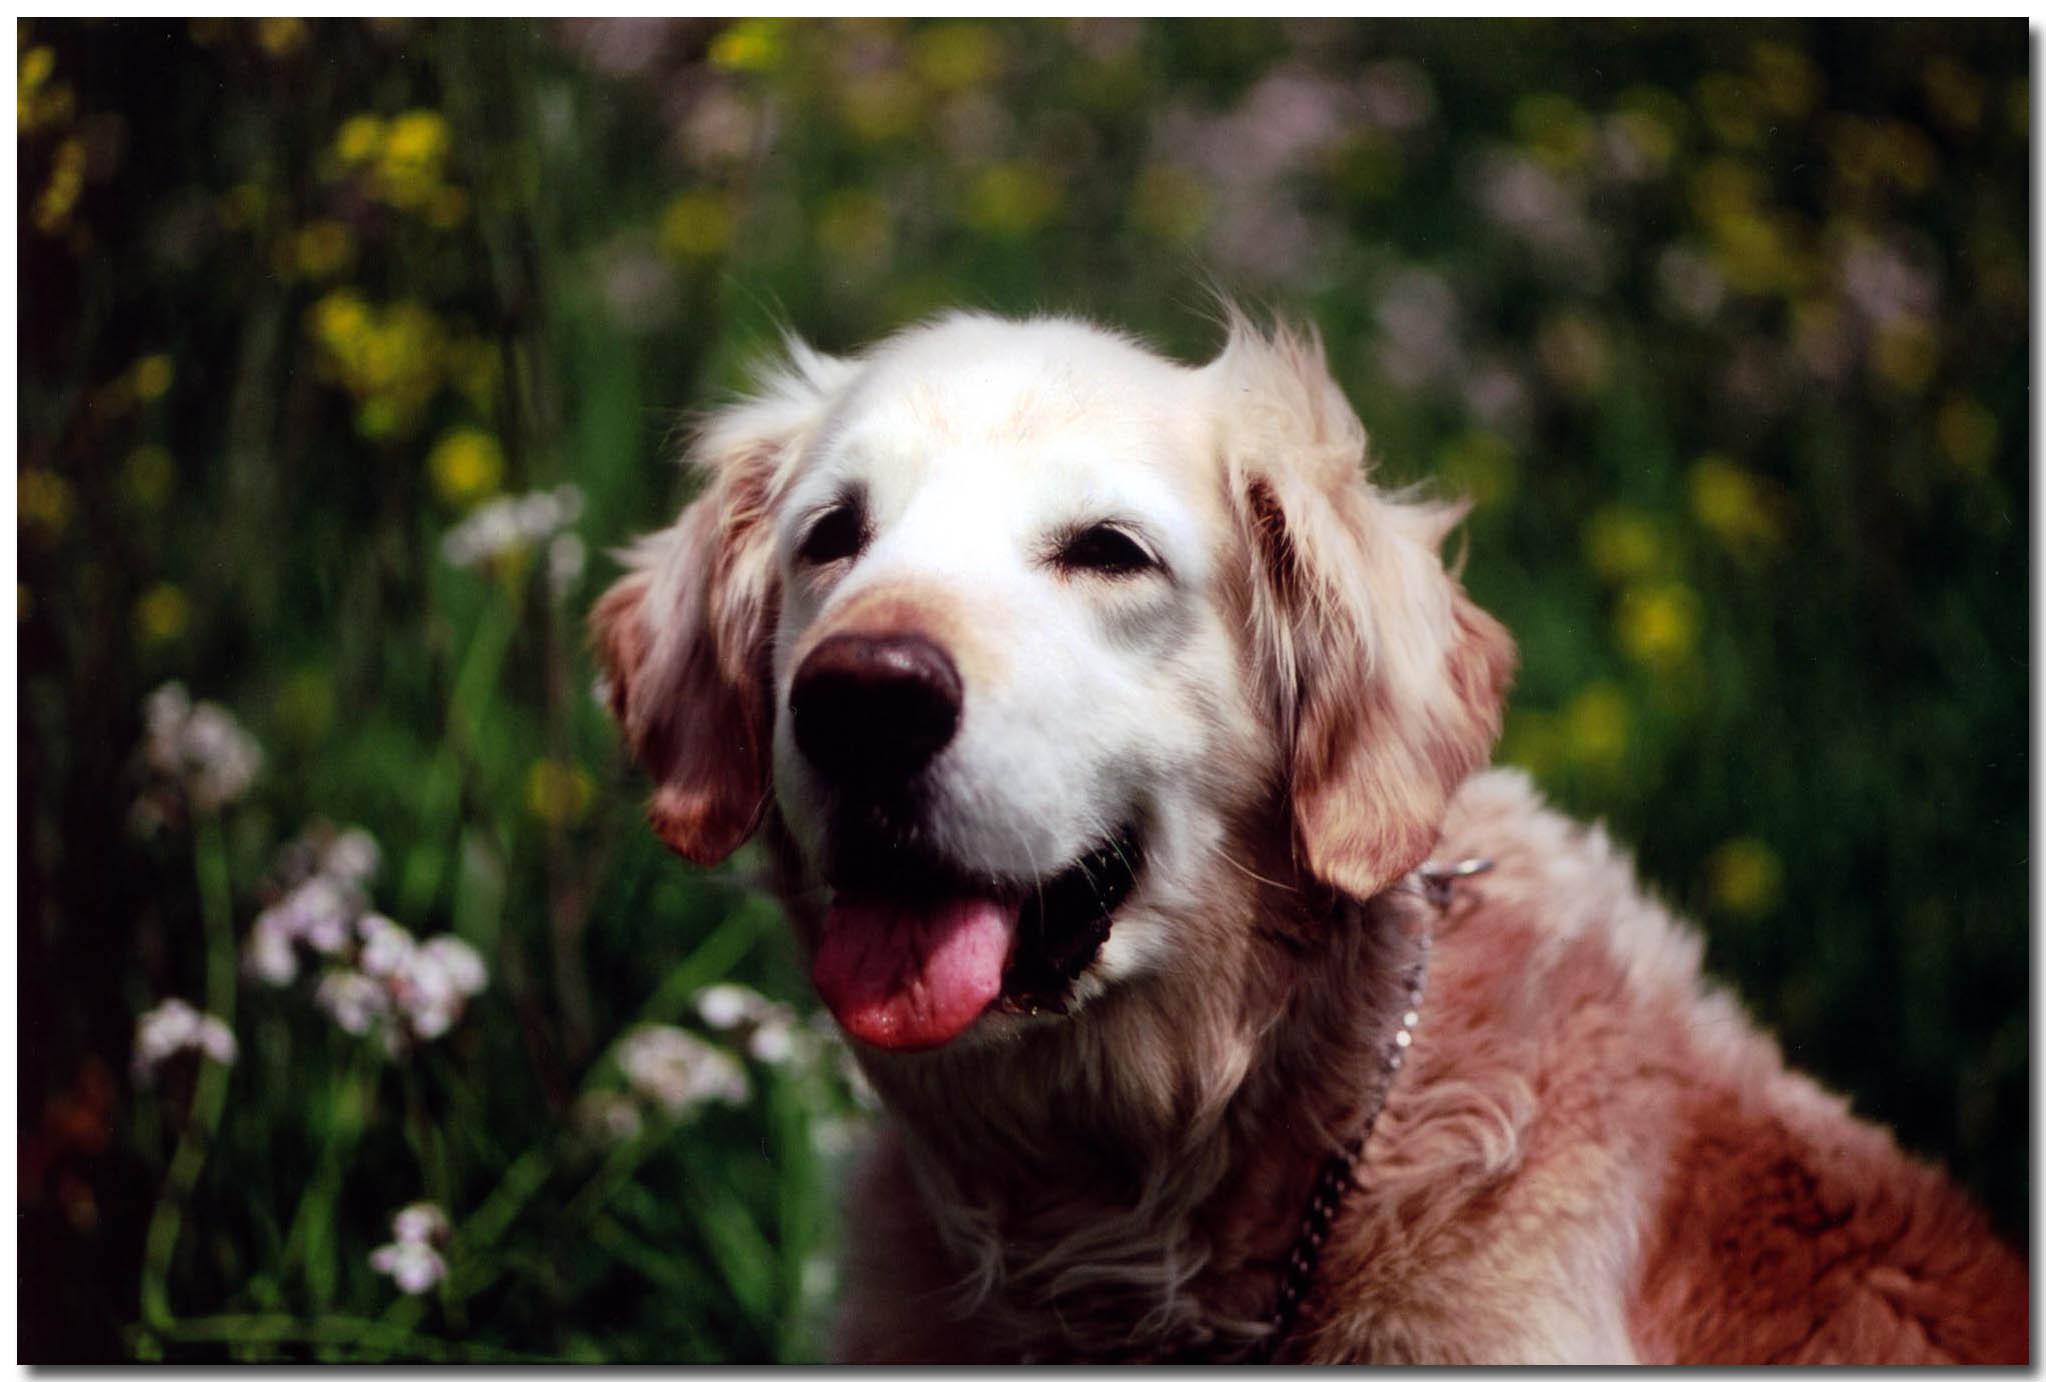 多摩川河川敷(2006年4月17日)花に囲まれて①のドロップシャドウ